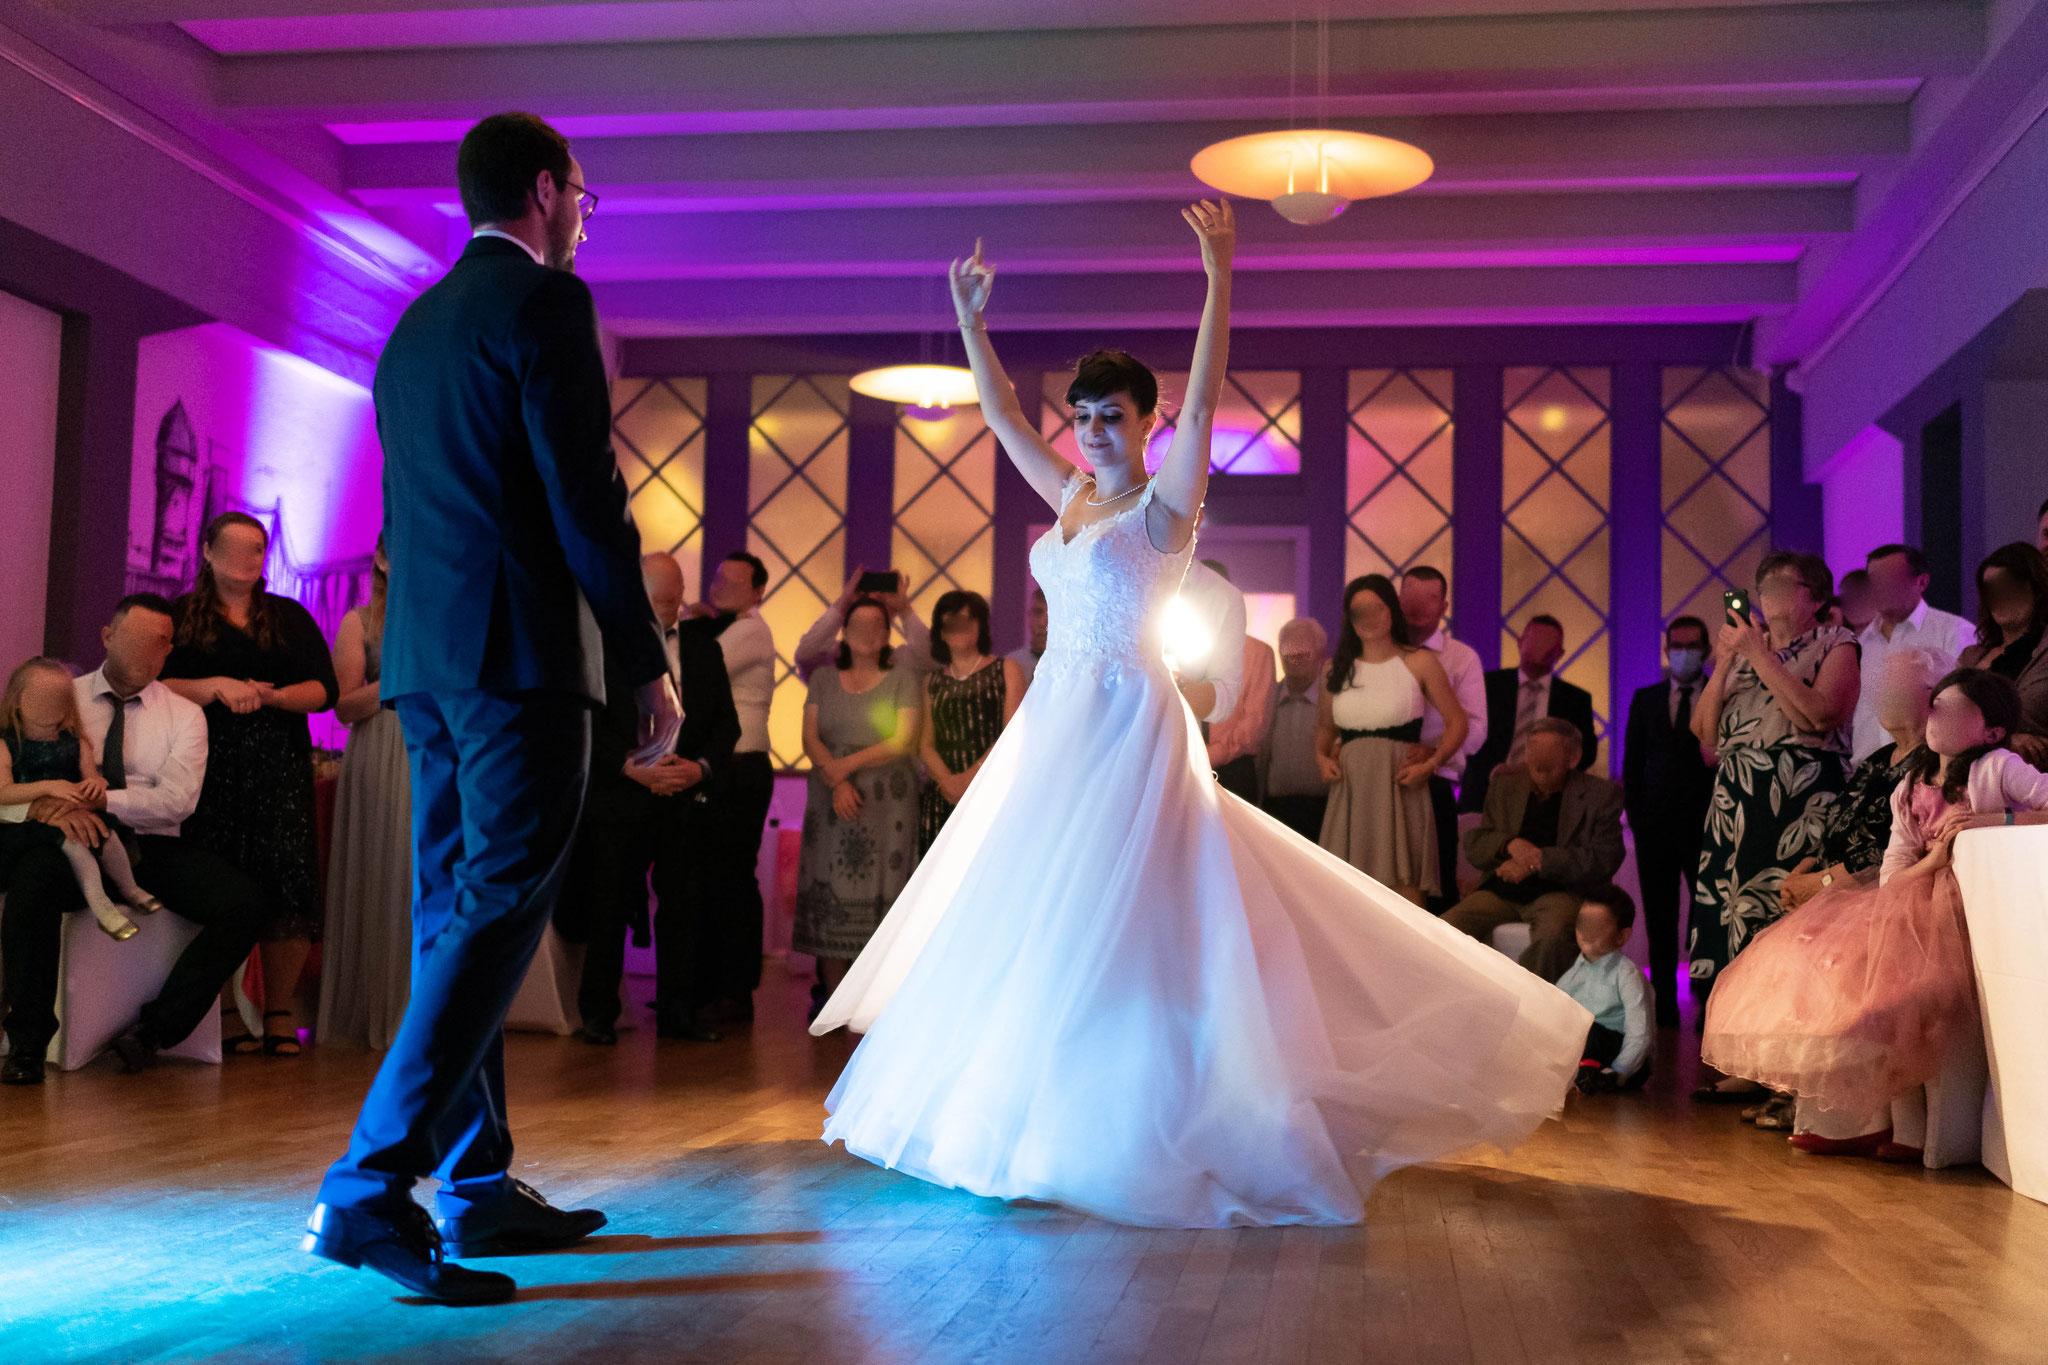 Der romantische Tanz am Abend